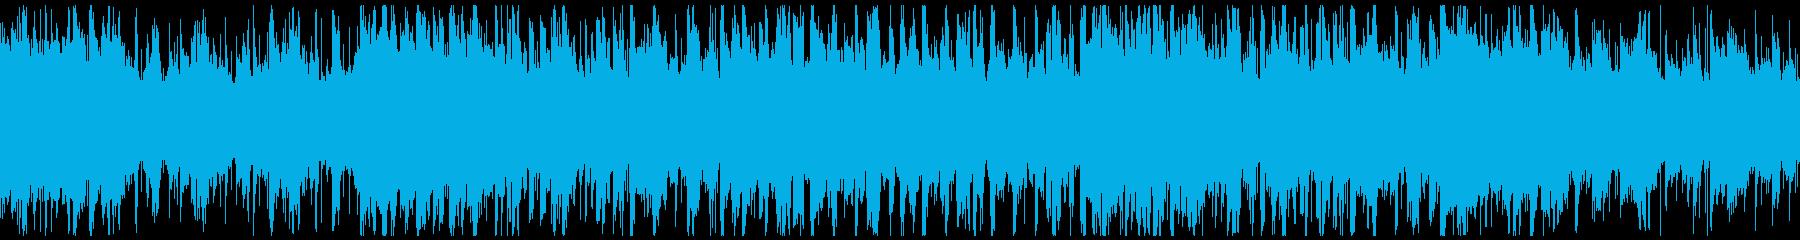 黒灰のドア ダークアクション向けループの再生済みの波形